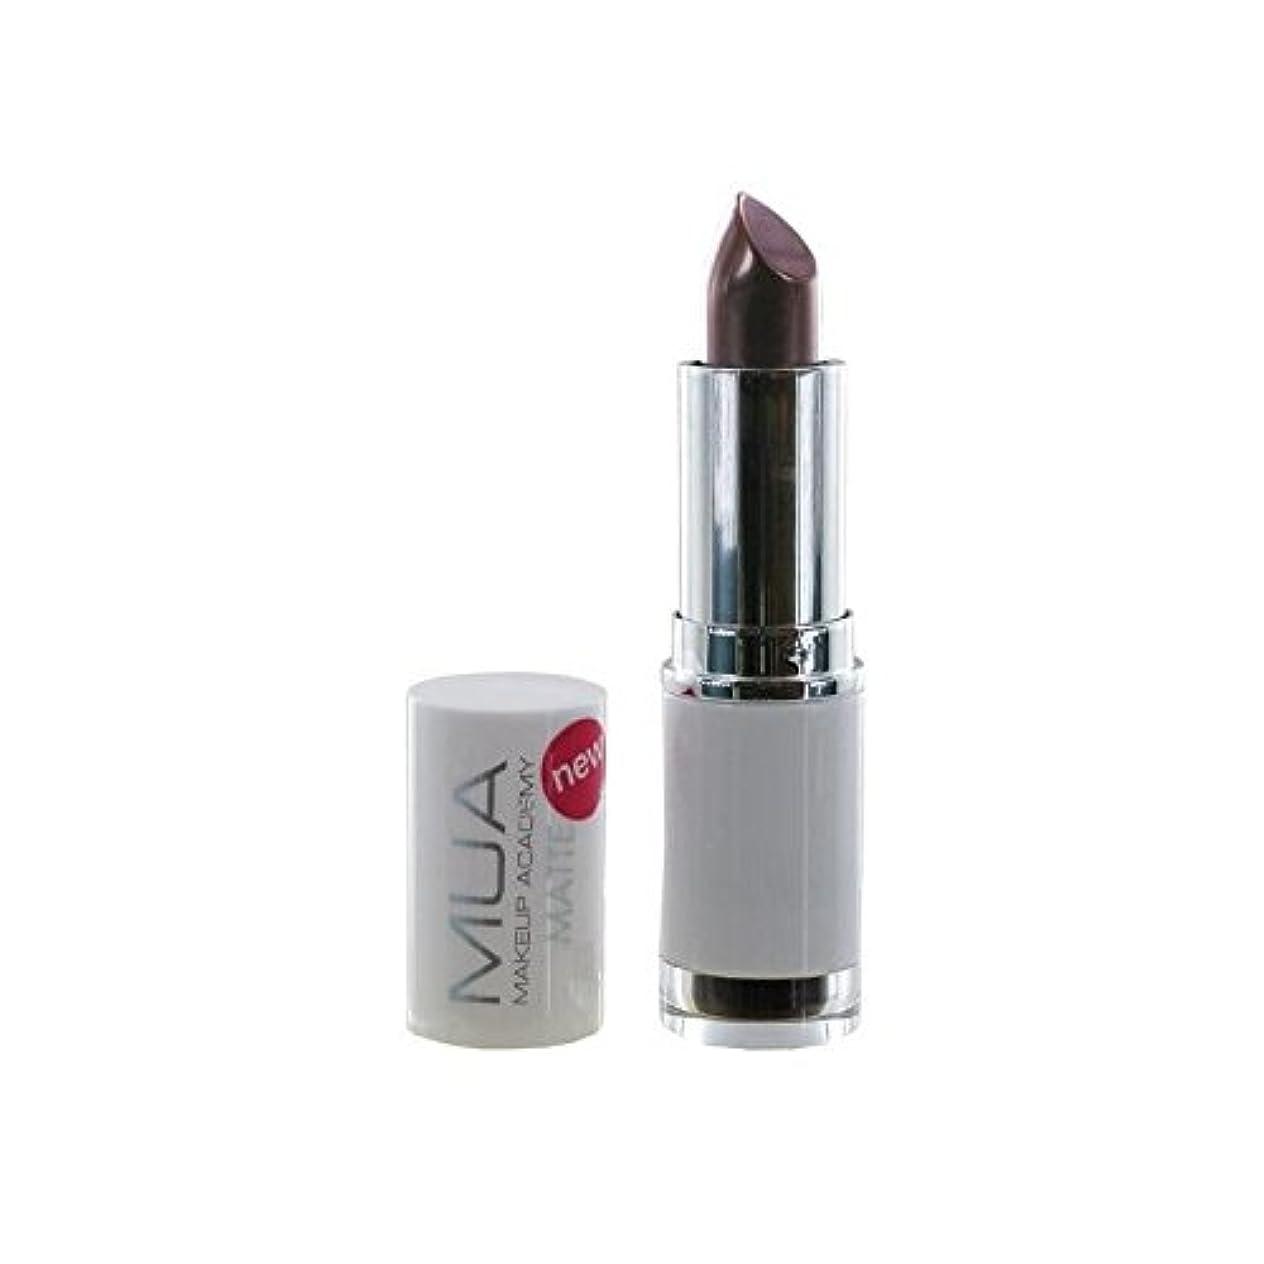 スキャンダル薄いどこにでもMUA Matte Lipstick - Wild Berry - マット口紅 - ワイルドベリー [並行輸入品]